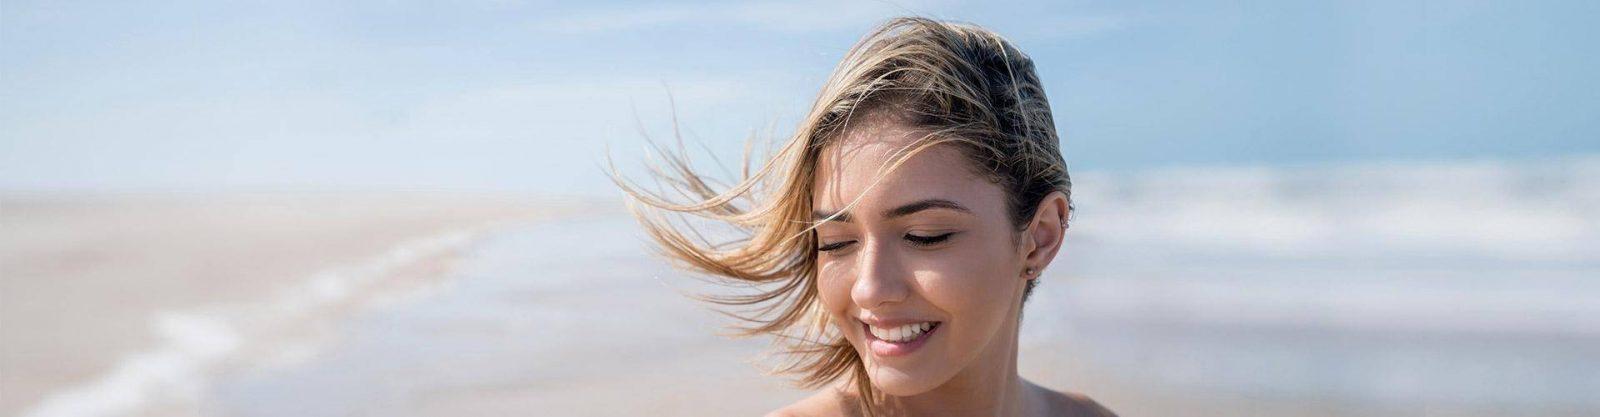 Baixou Tudo Natura Hidratação para cabelo com óleo por que fazer nutrição nos fios